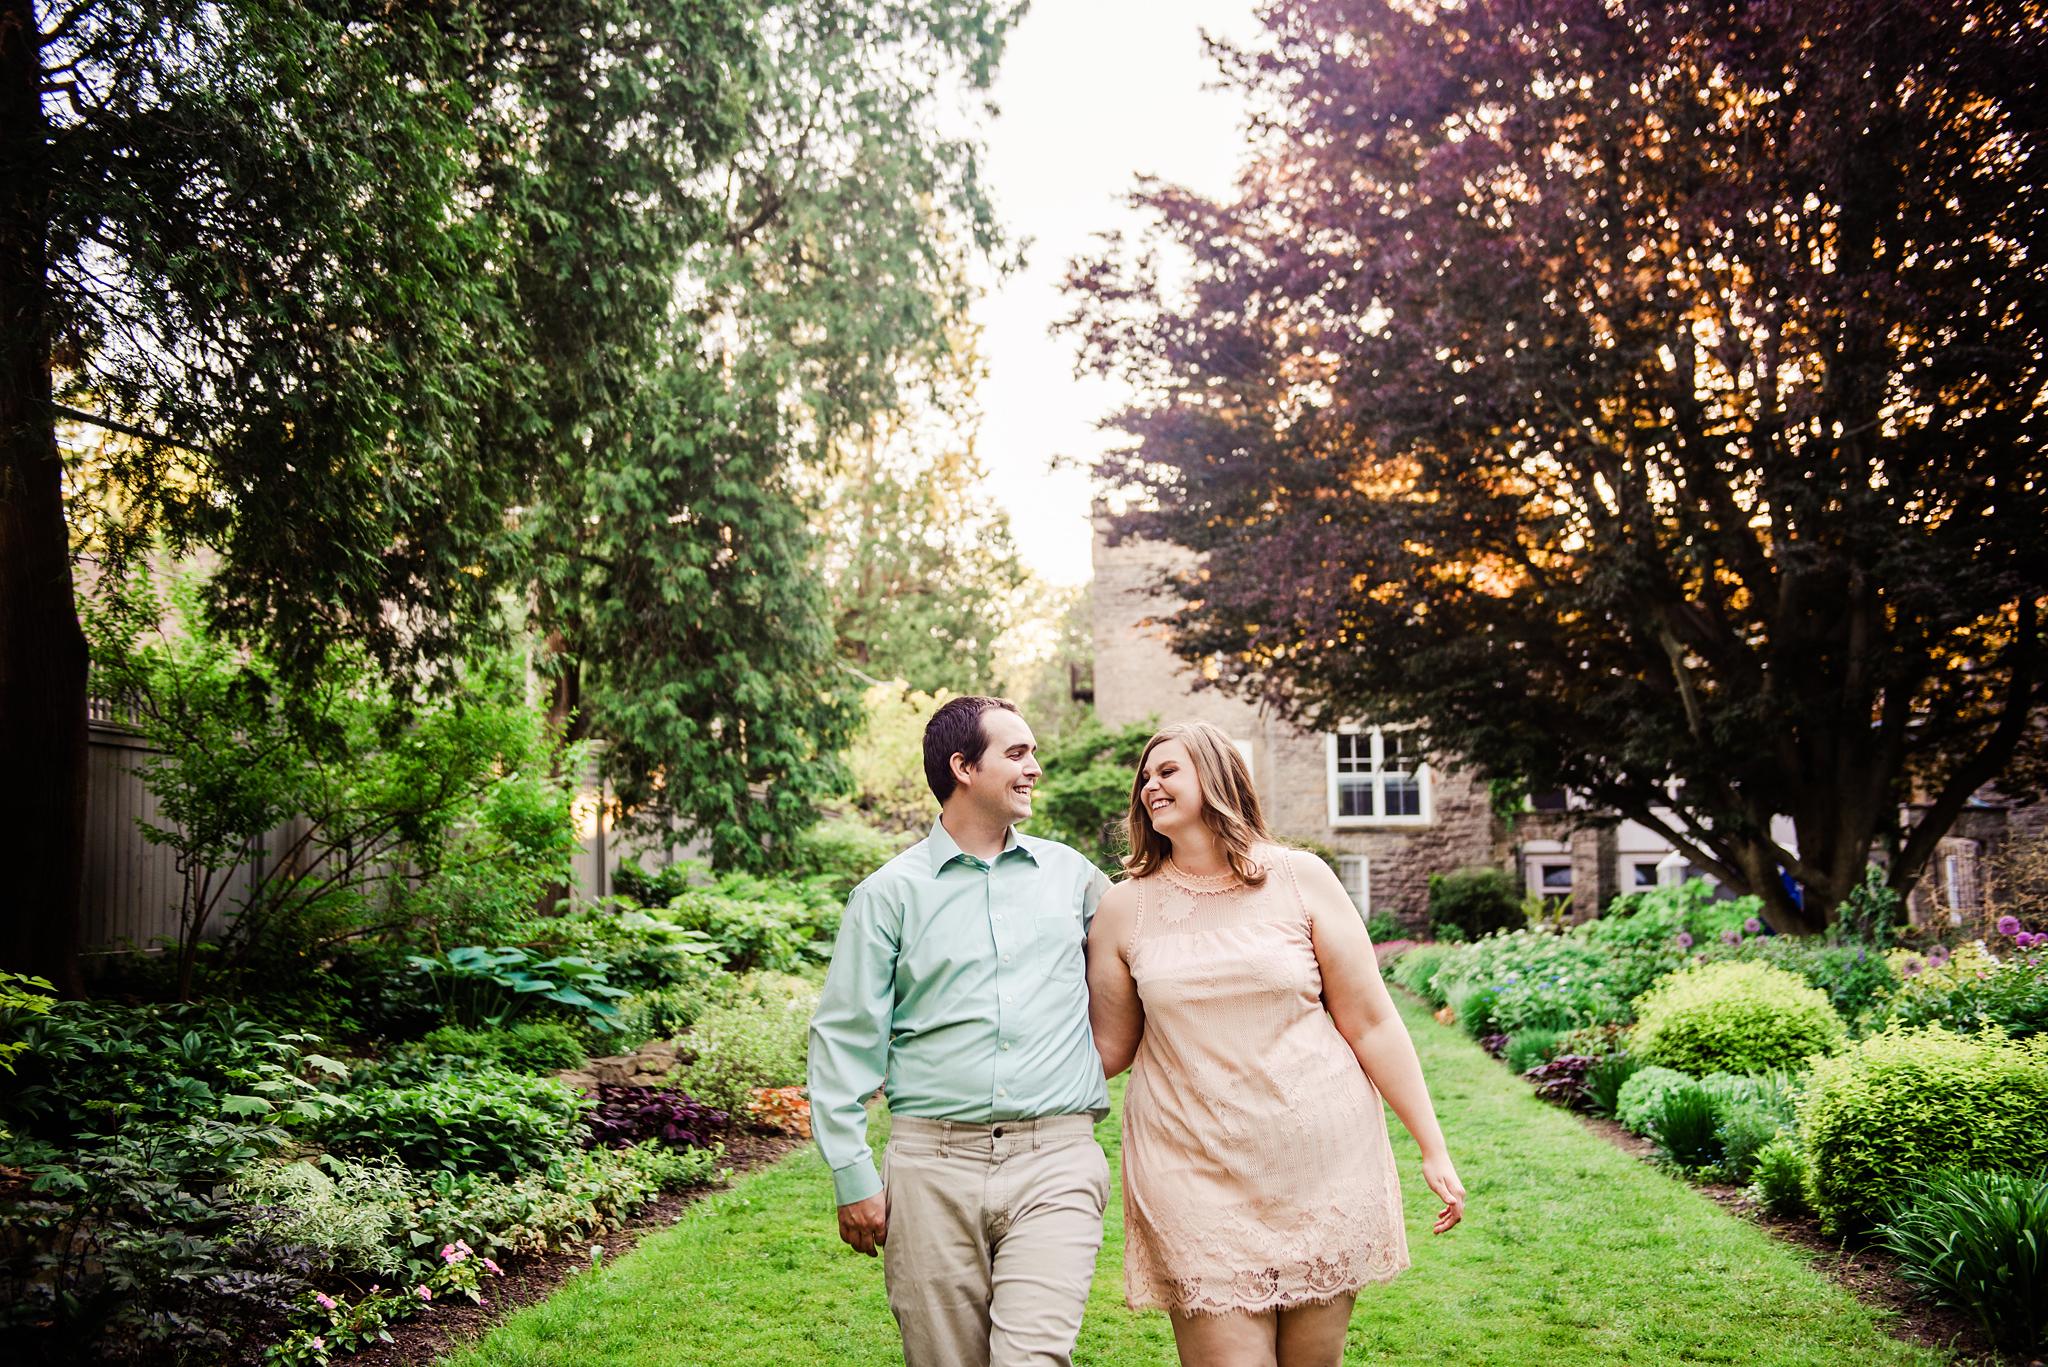 Warner_Castle_Sunken_Gardens_Rochester_Engagement_Session_JILL_STUDIO_Rochester_NY_Photographer_DSC_1301.jpg